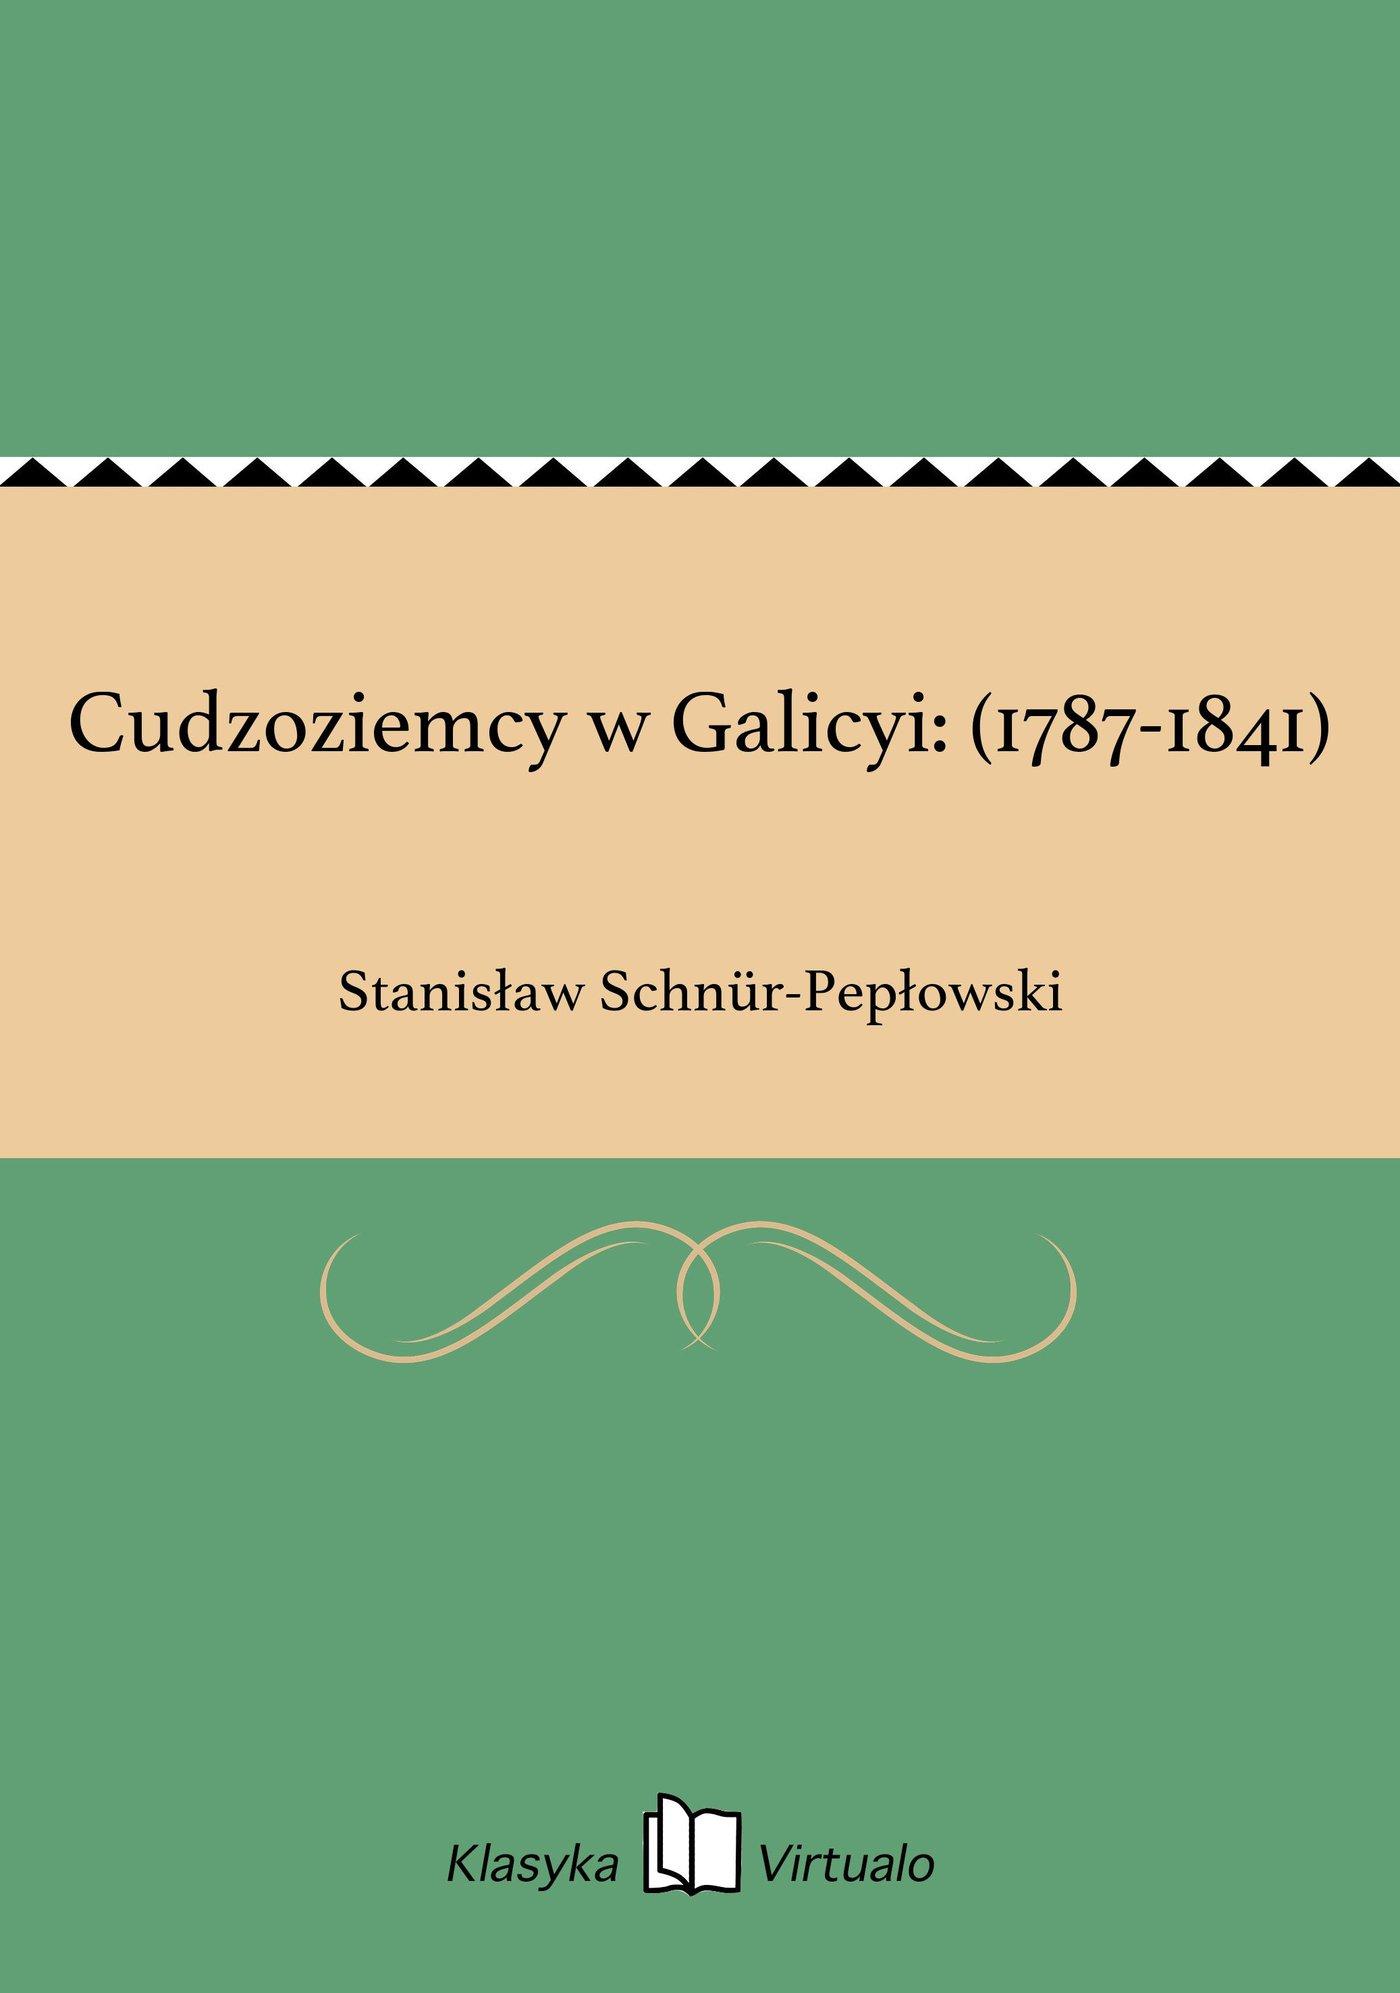 Cudzoziemcy w Galicyi: (1787-1841) - Ebook (Książka na Kindle) do pobrania w formacie MOBI